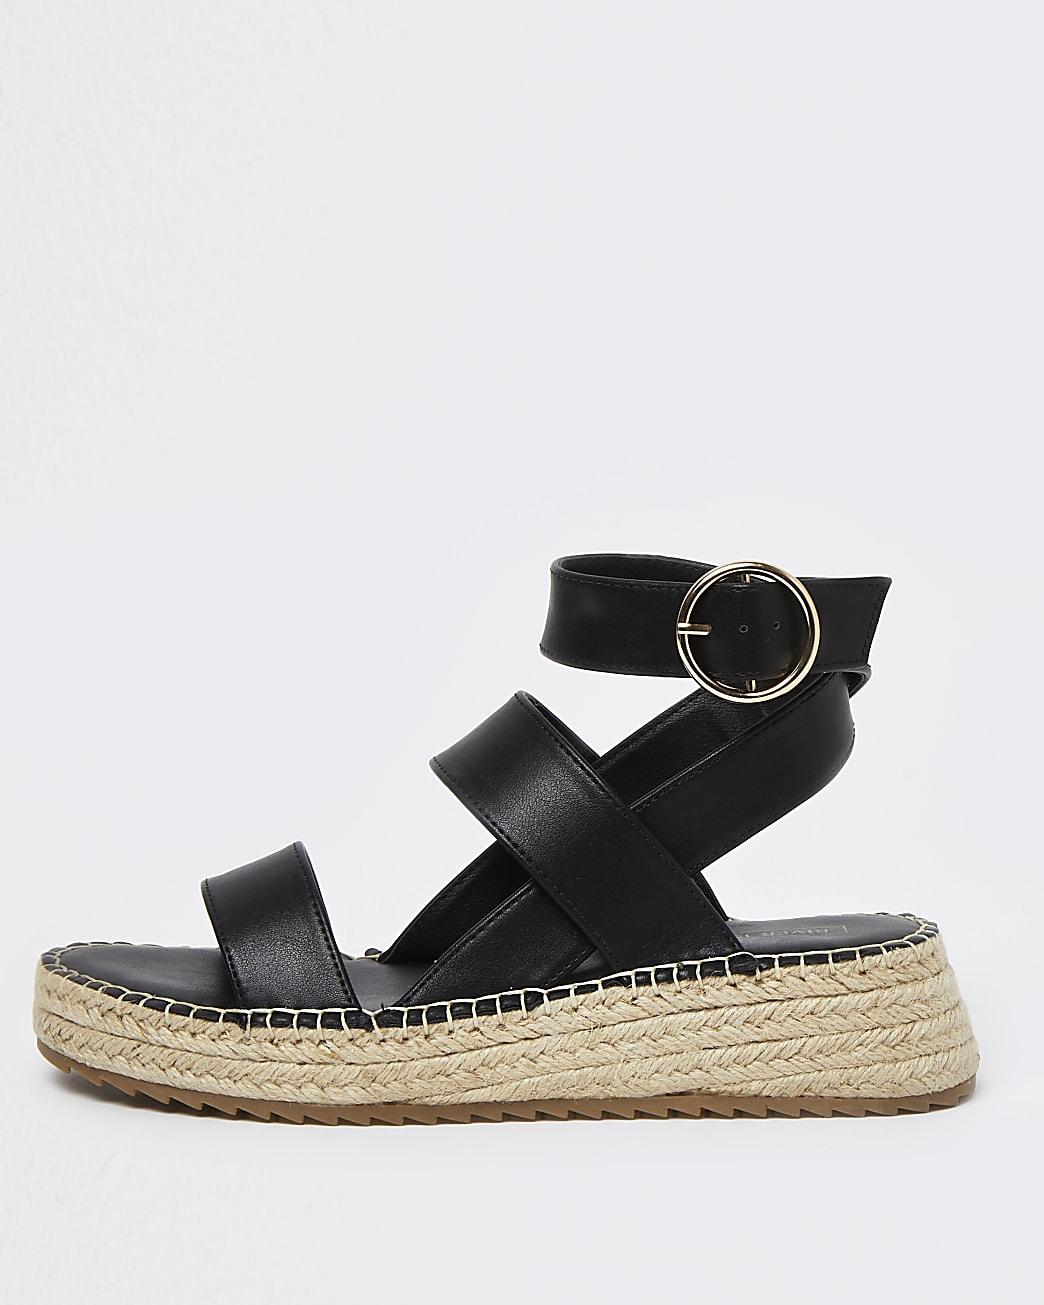 Black chunky wedge sandals